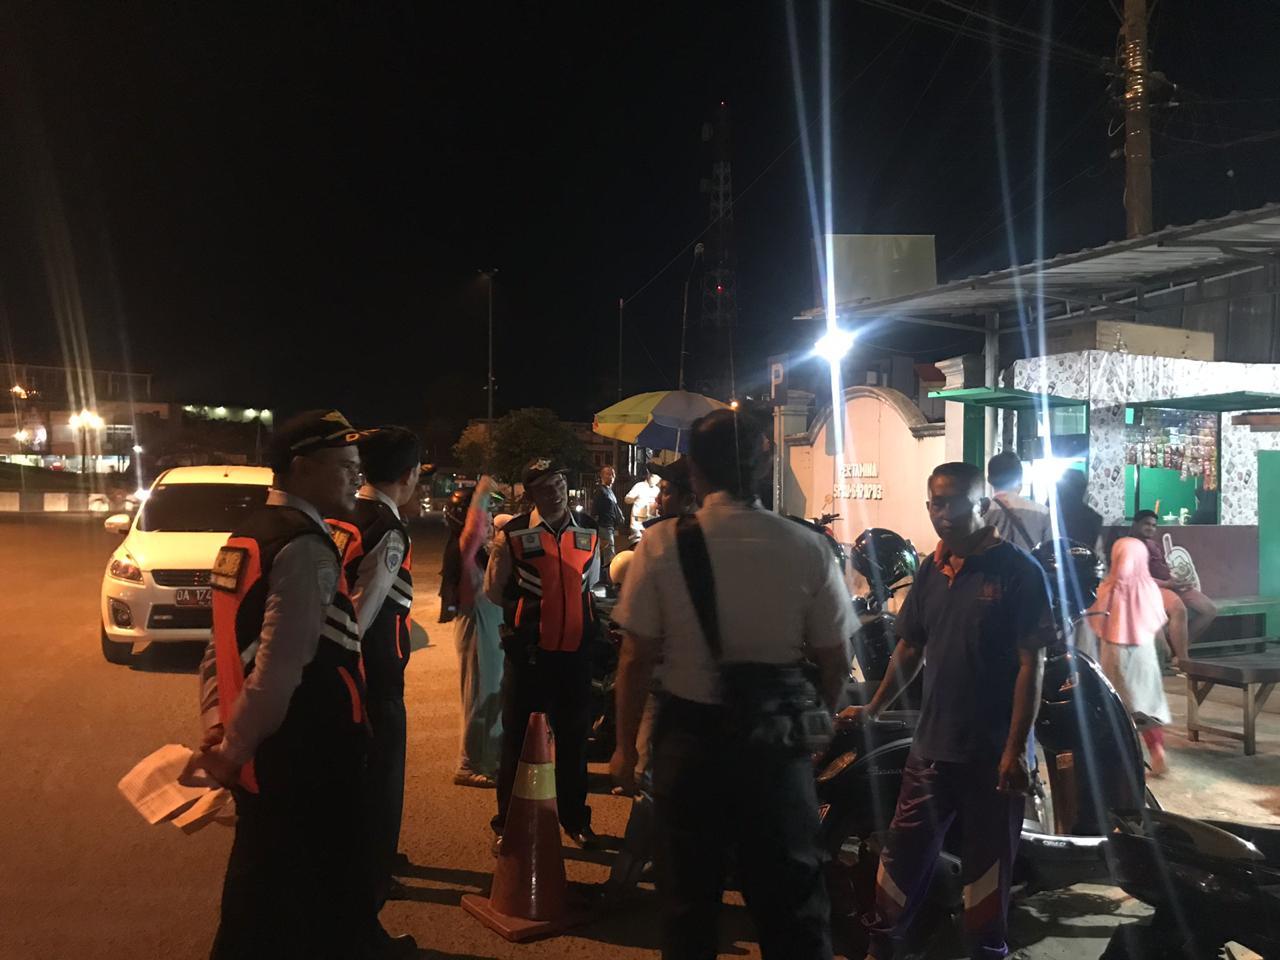 Kegiatan UPT. Parkir DISHUB Banjarbaru, Menindak lanjuti atas Laporan Masyarakat. Di Seputaran Warung Murakata Simp. 4 BJB